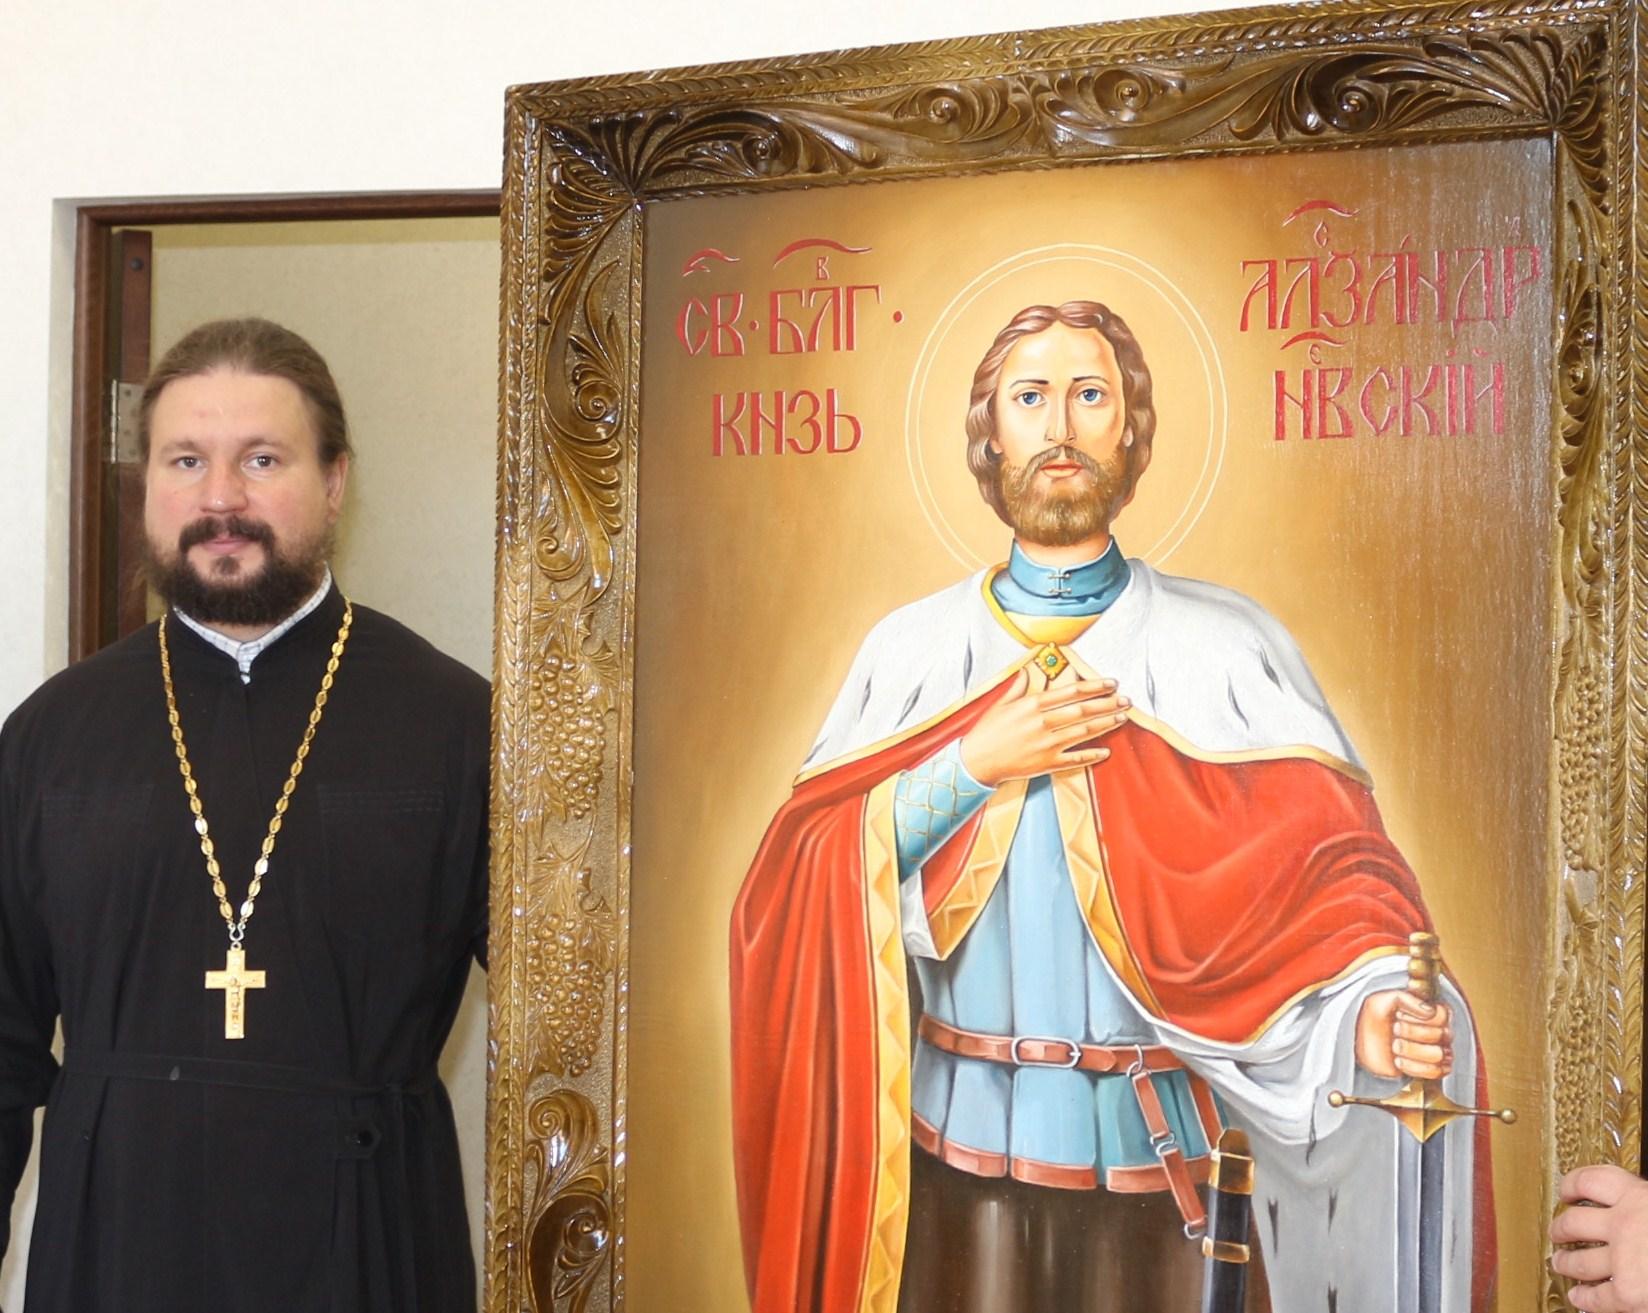 Для осужденных ИК-1 УФСИН России по Республике Адыгея был организован видеомастер-класс по иконописи